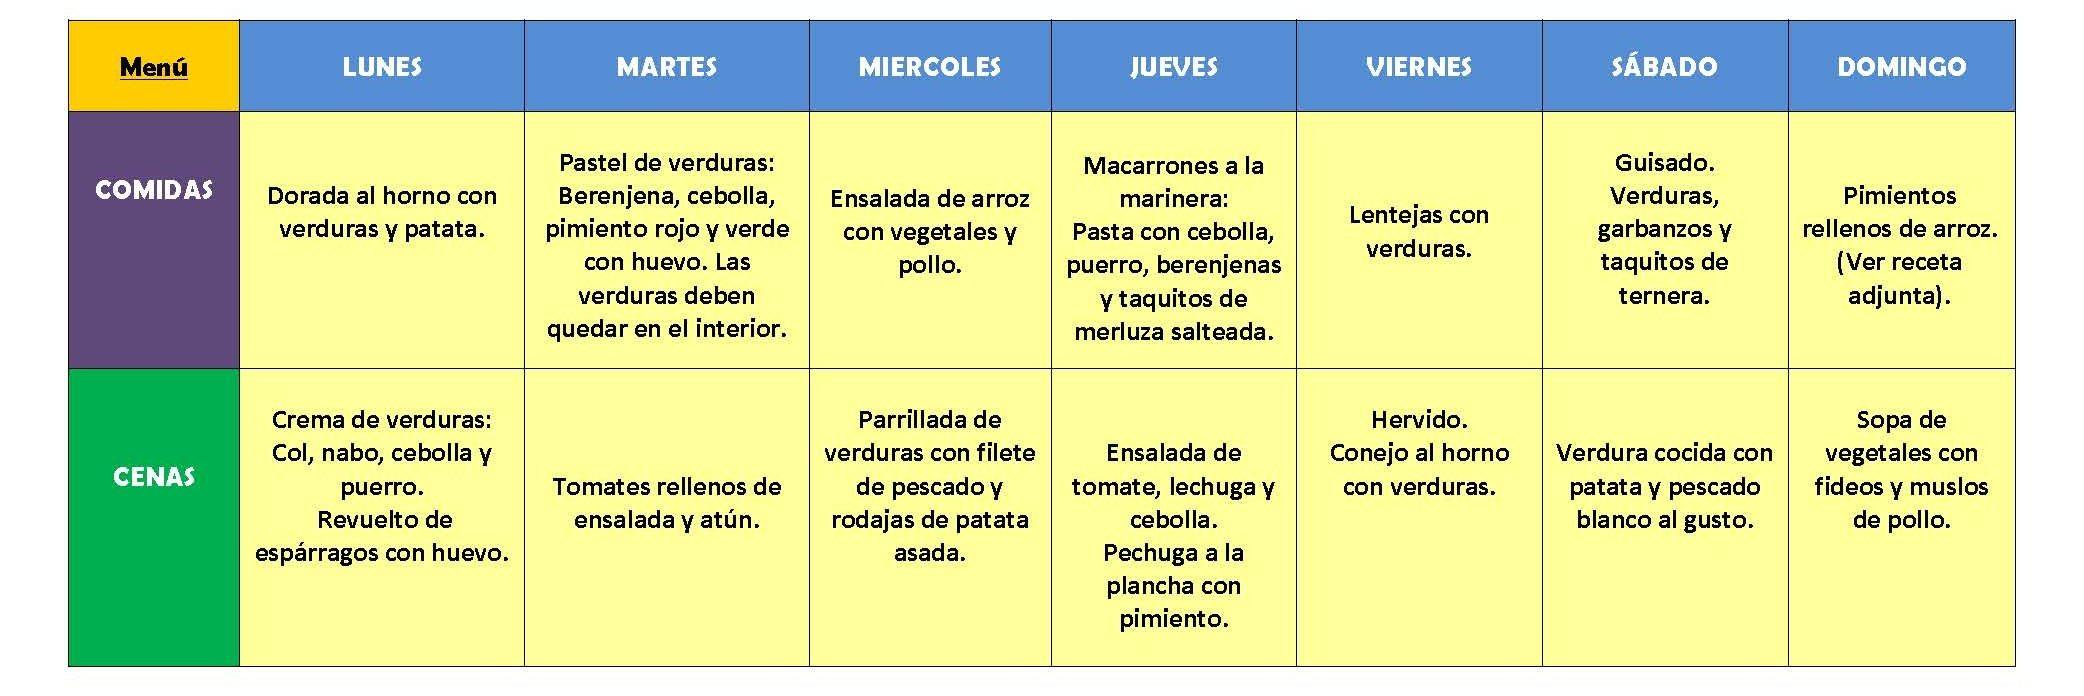 Insuficiencia renal ideas para la dieta de la pr xima for Alimentos prohibidos para insuficiencia renal